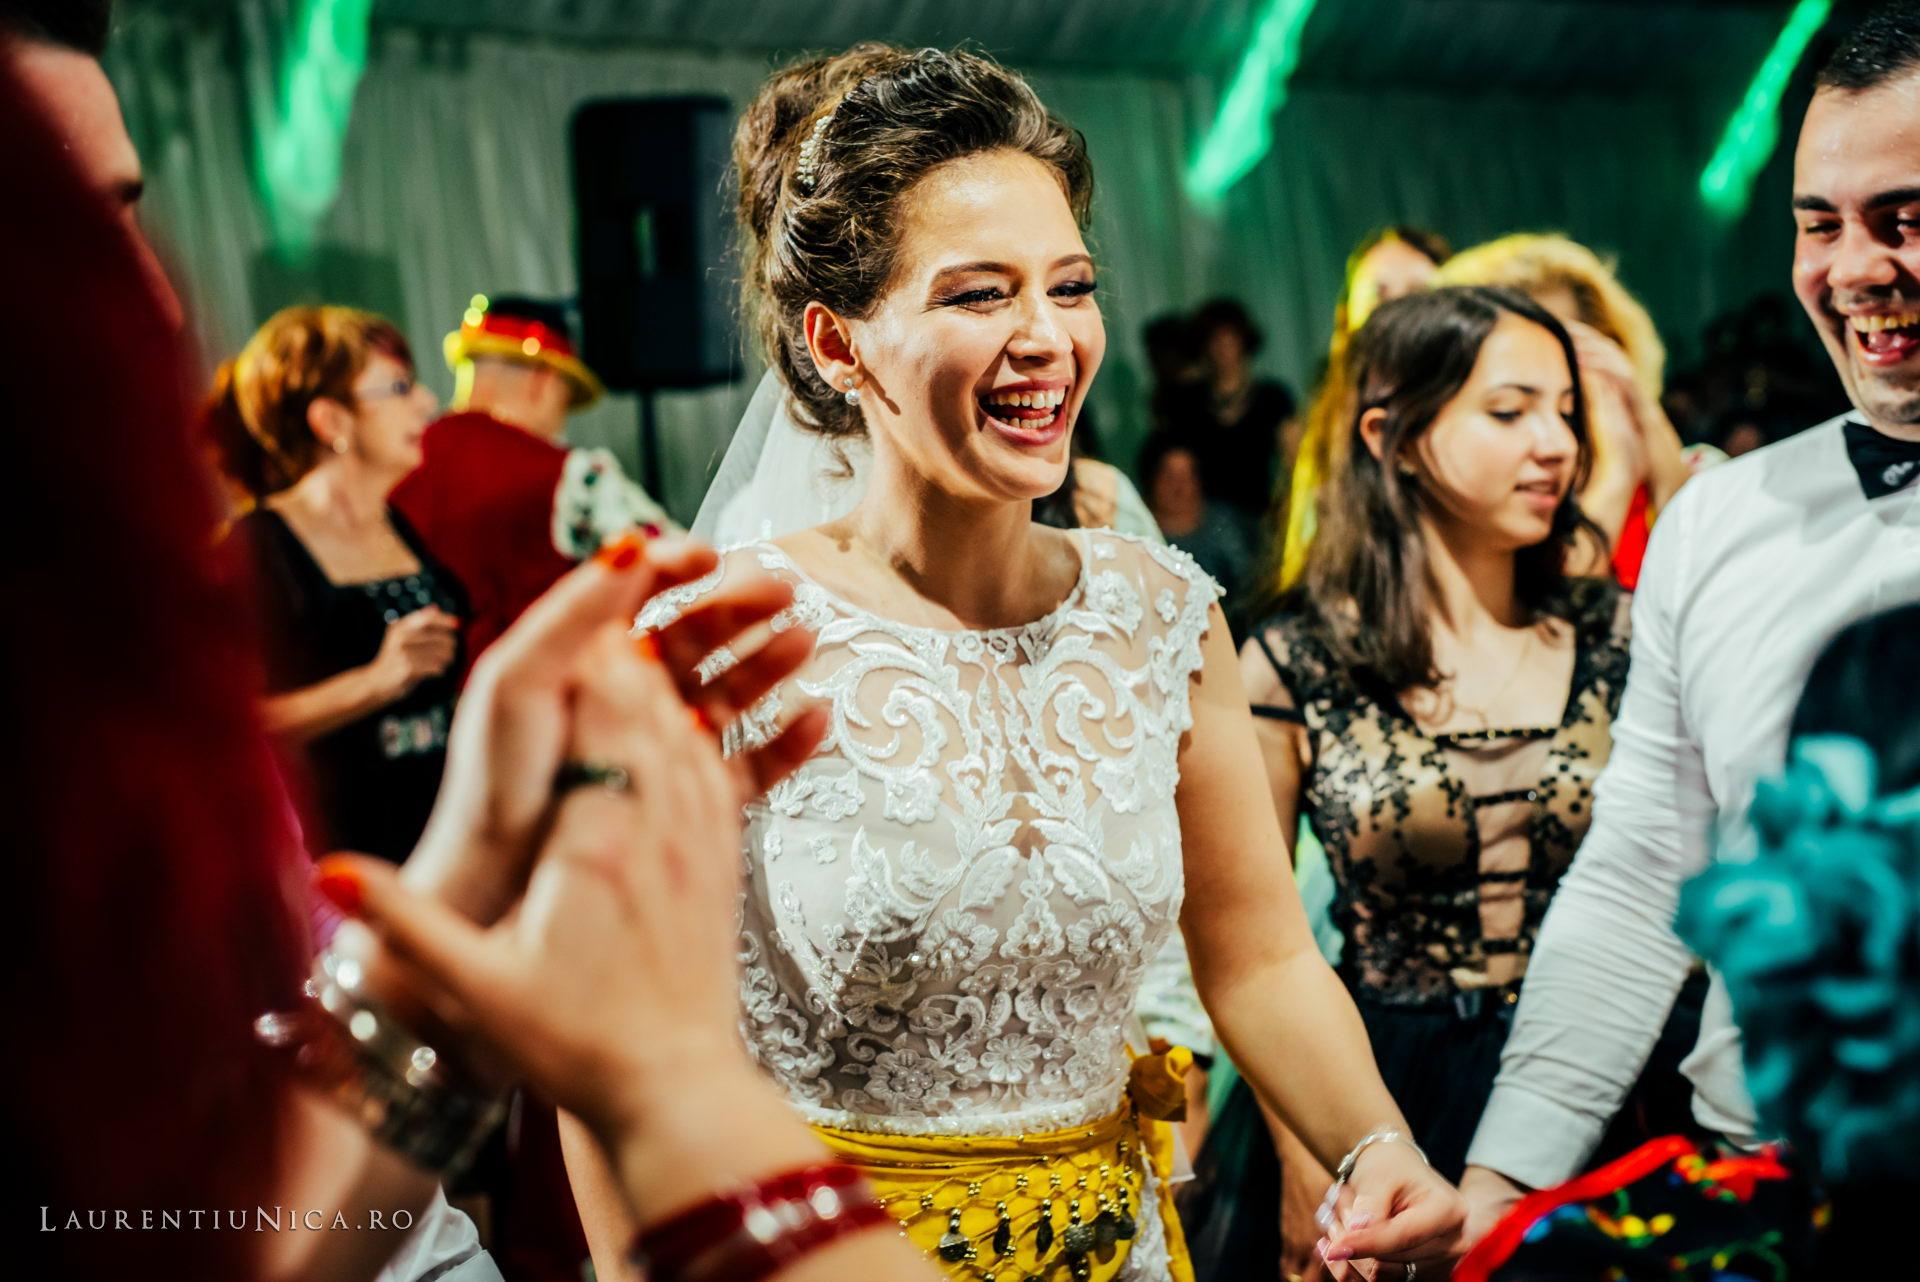 denisa si catalin fotograf nunta laurentiu nica craiova 91 - Denisa si Catalin | Fotografii nunta | Craiova